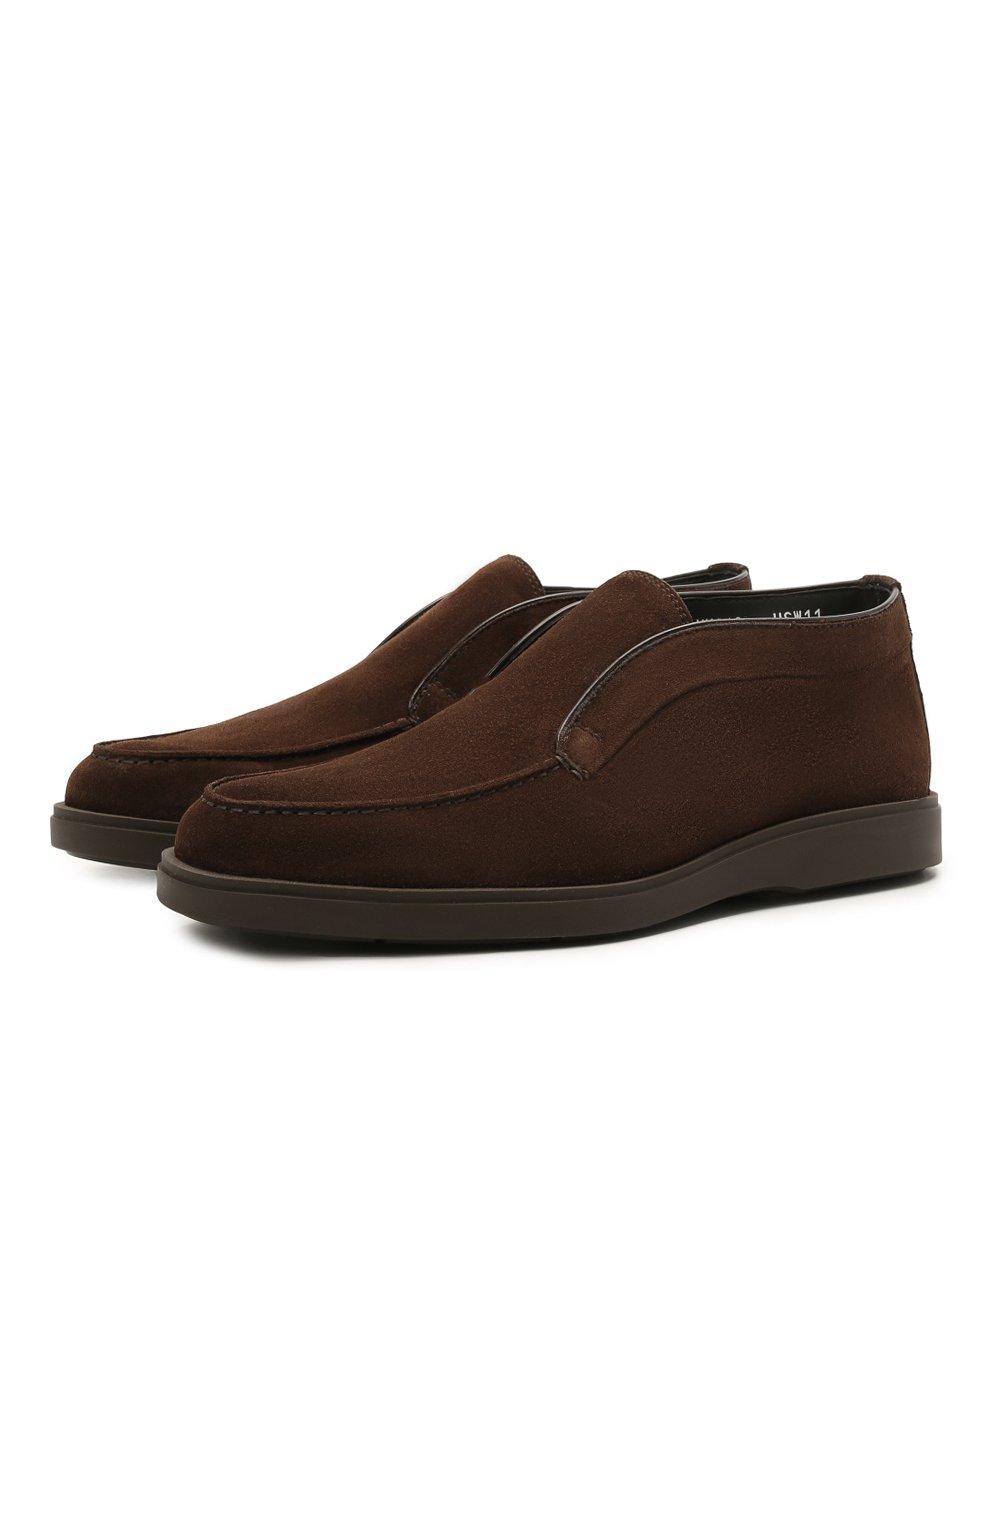 Мужские замшевые ботинки SANTONI темно-коричневого цвета, арт. MGDG17823DATASVUT50 | Фото 1 (Мужское Кросс-КТ: Ботинки-обувь; Подошва: Плоская)